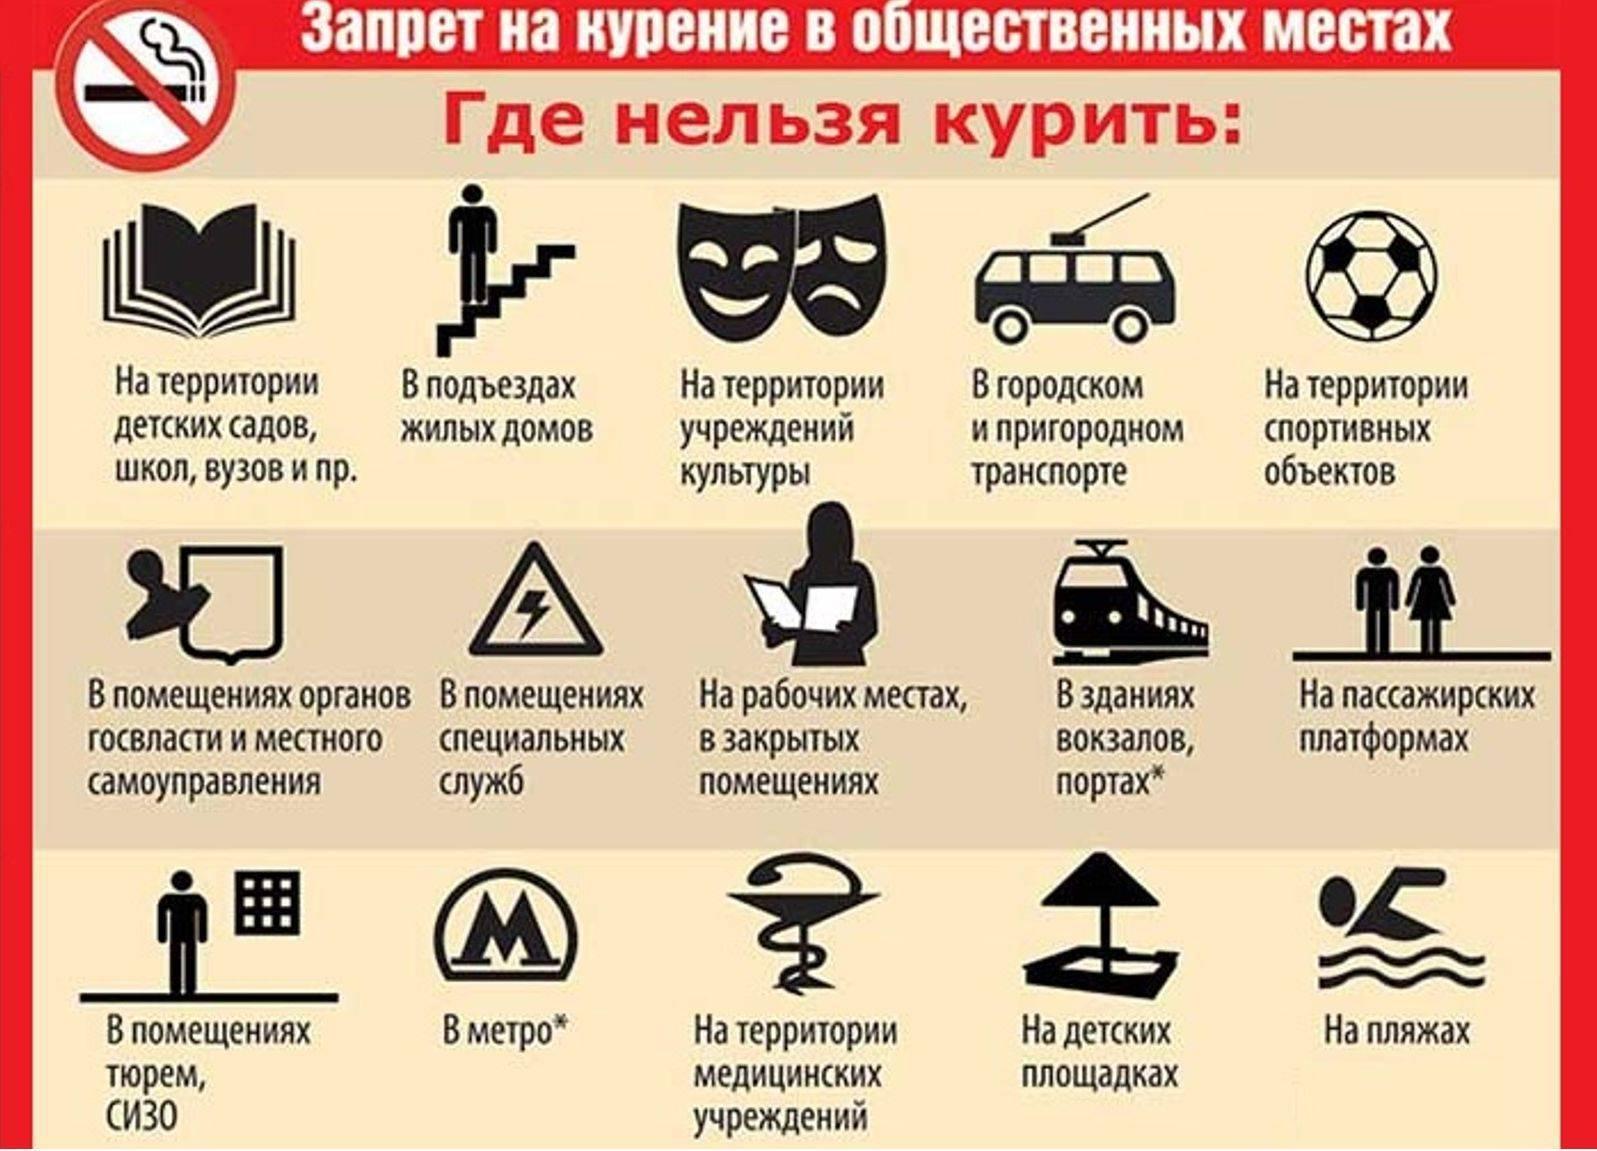 40 тысяч рублей за курение в самолёте